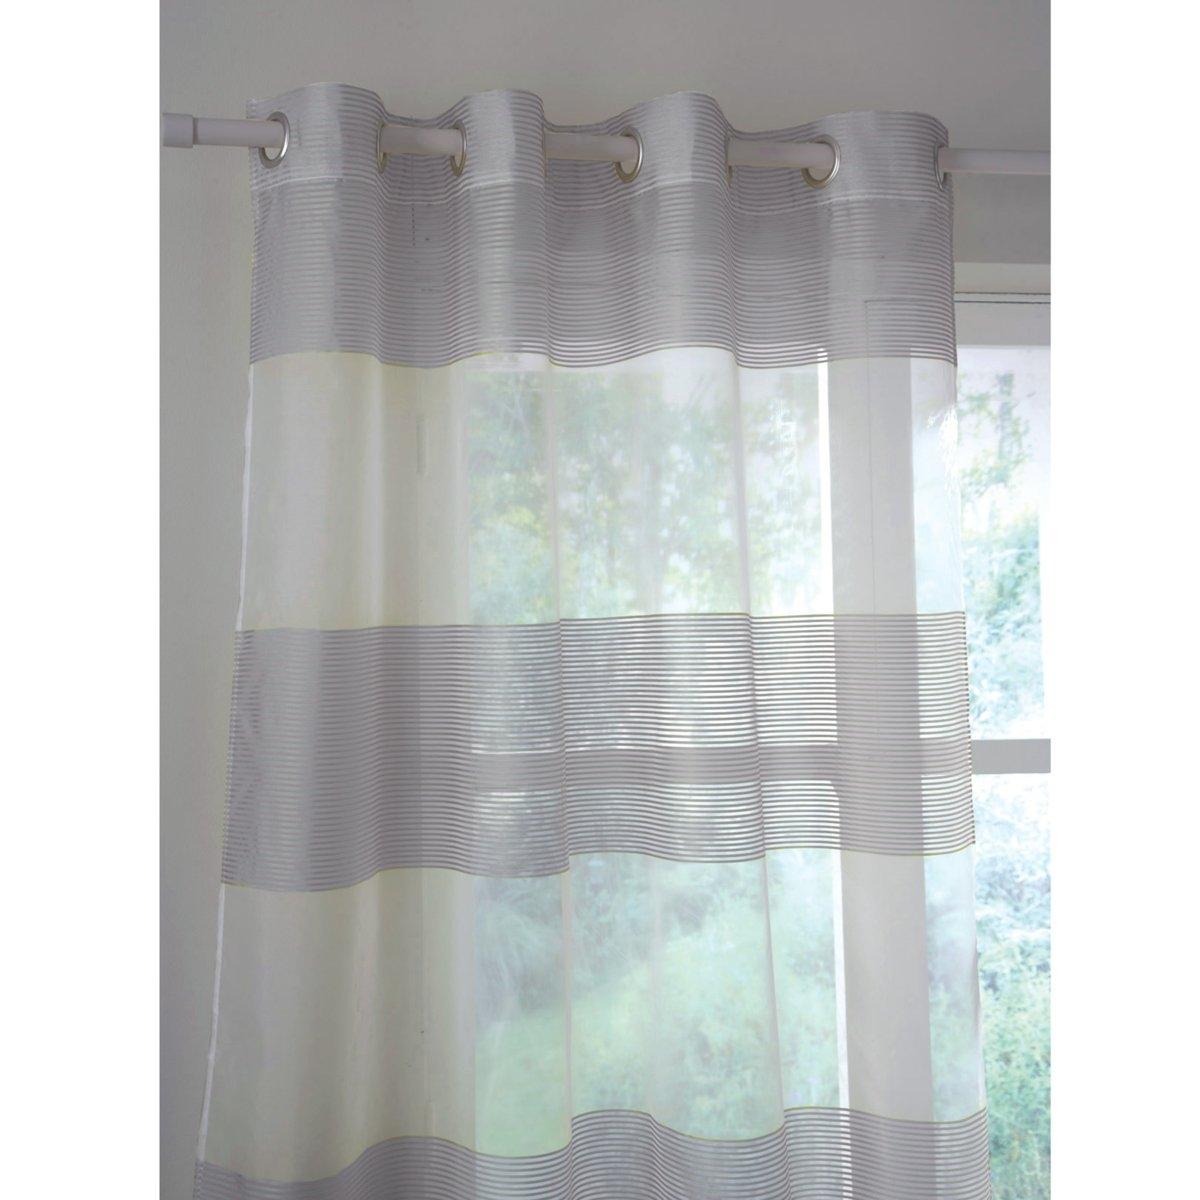 Занавеска в широкую полоску, с люверсами, LindaЭта занавеска из ткани деворе очень высокого качества придаст легкости вашему интерьеру. Широкие полоски утонченных цветов на прозрачном фоне. Занавеска из ткани деворе, 100% полиэстер. Подшитый низ. С люверсами. Стирка при 30°.Имеются следующие размеры :- В 250 x Д 140 см                     - В 180 х Д 140  и разные цвета:                         - Зеленый                       - Розовая фуксия                       - Серый, белый                       - Темно-коричневый<br><br>Цвет: белый,серый,темный серо-каштановый<br>Размер: 180 x 140  см